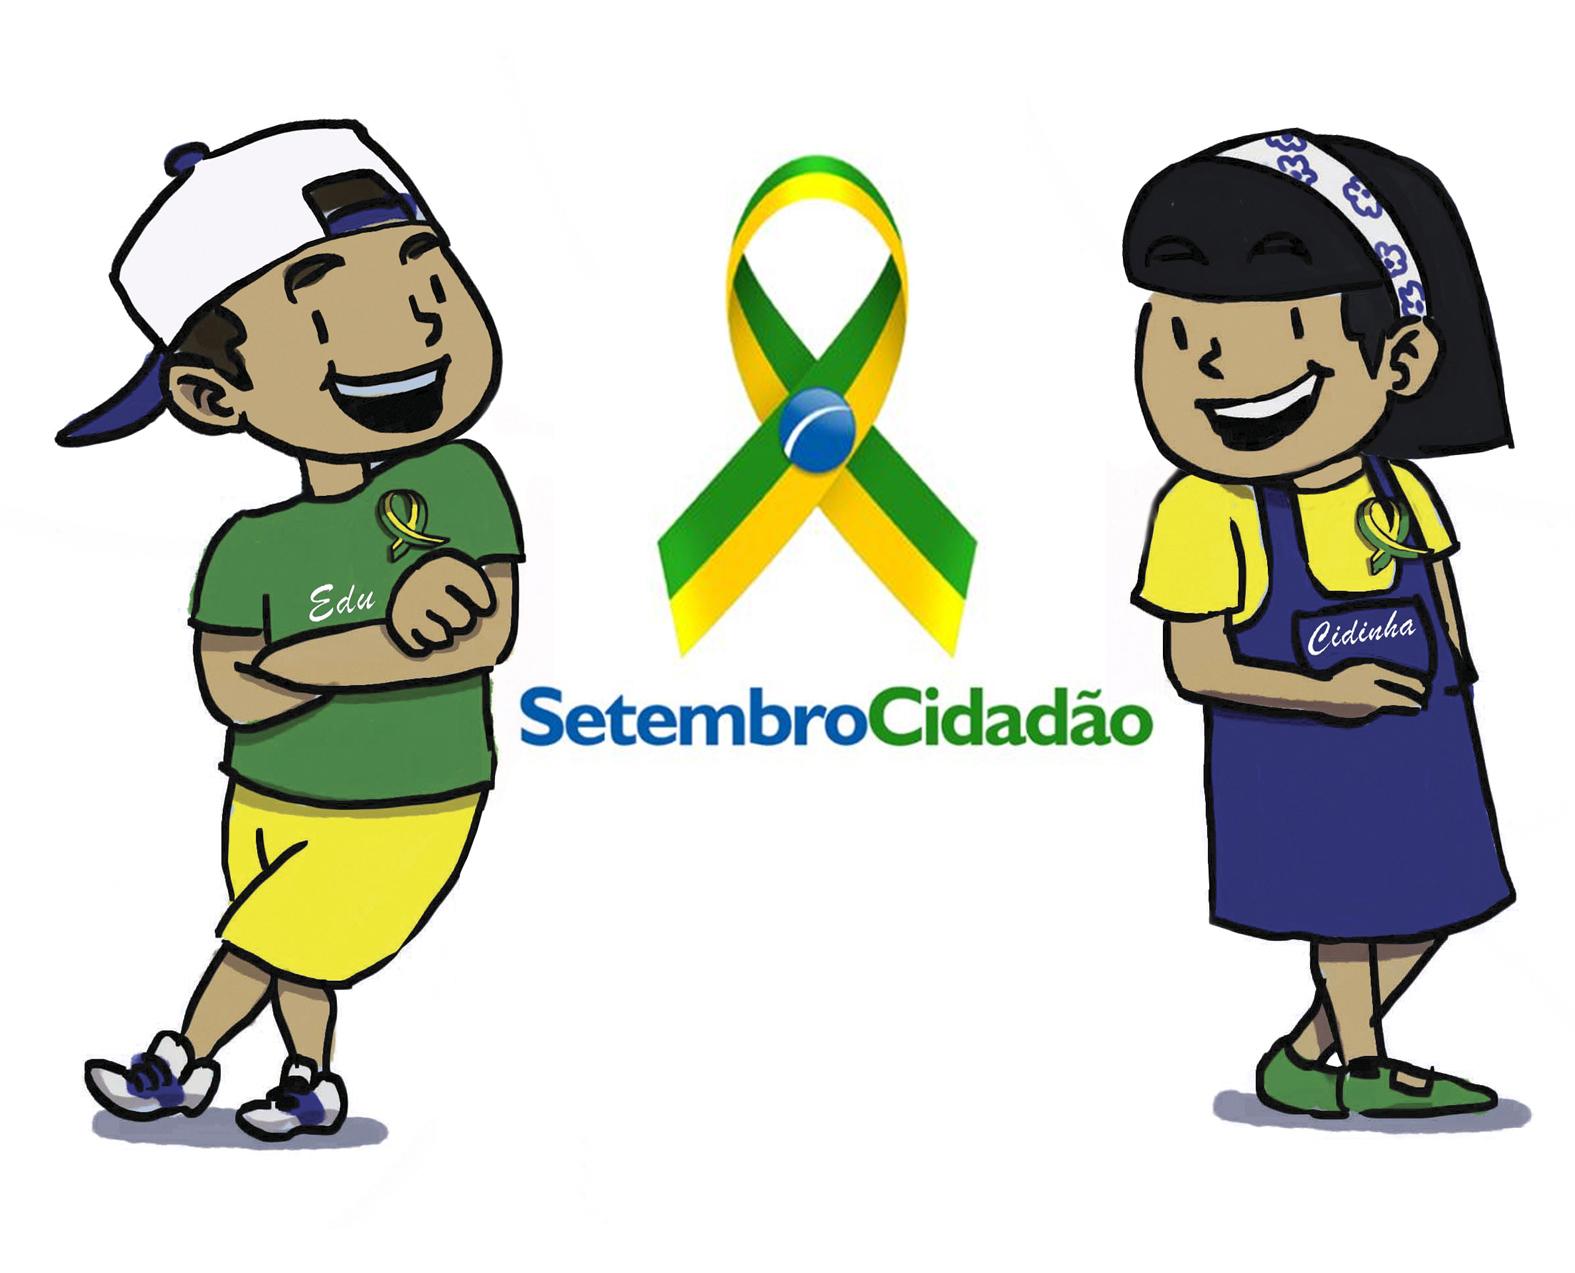 Edu_e_Cidinha_Setembro_Cidadão (1)